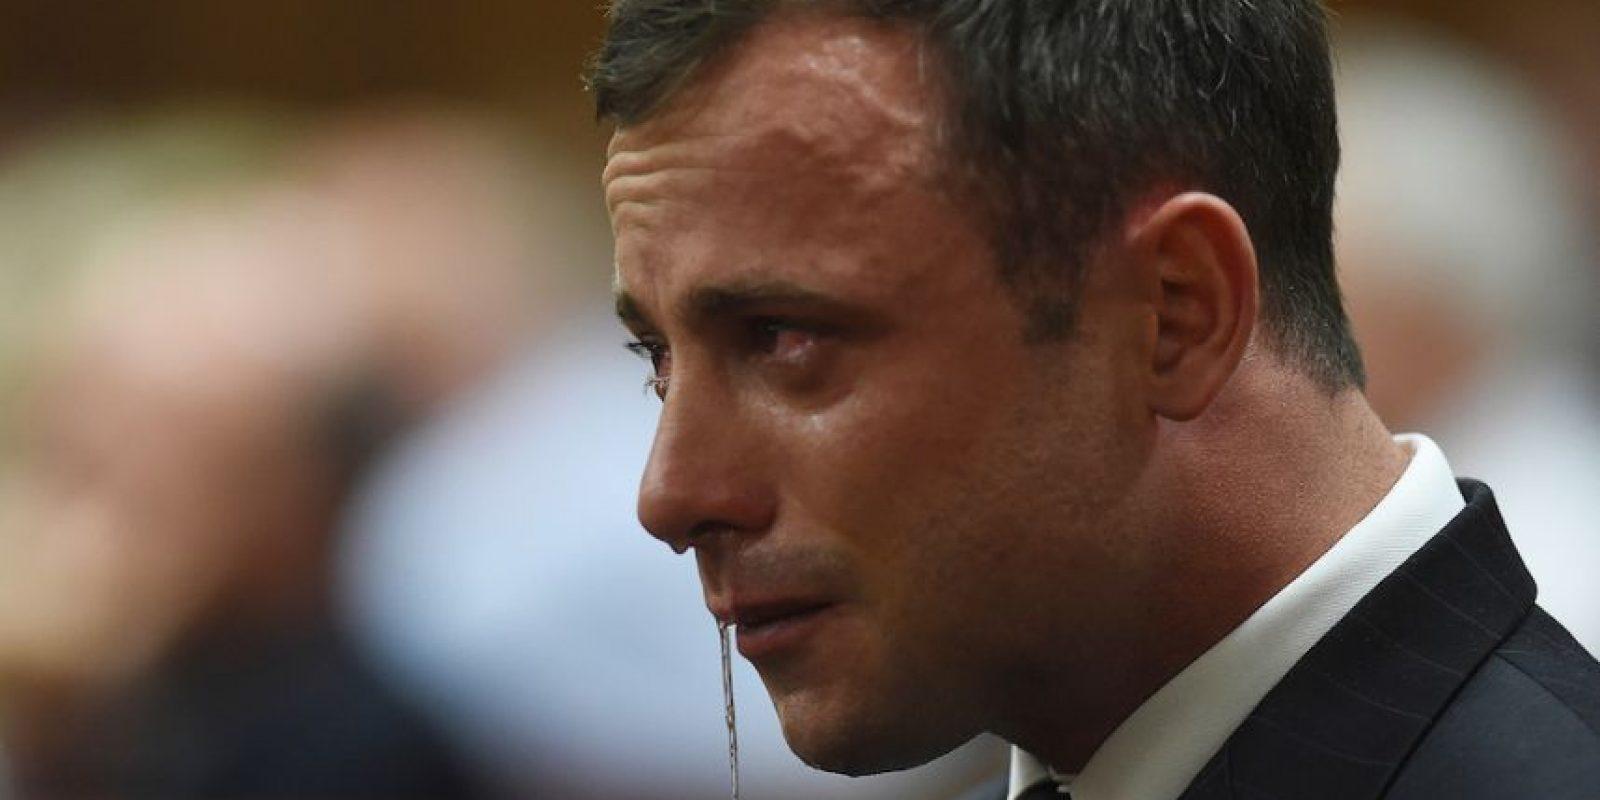 Pistorius, quien compitió en los Juegos Olímpicos de 2012, fue condenado a cinco años de prisión por la muerte de su novia, la modelo Reeva Steenkamp ocurrida el 14 de febrero de 2013. Foto:Getty Images